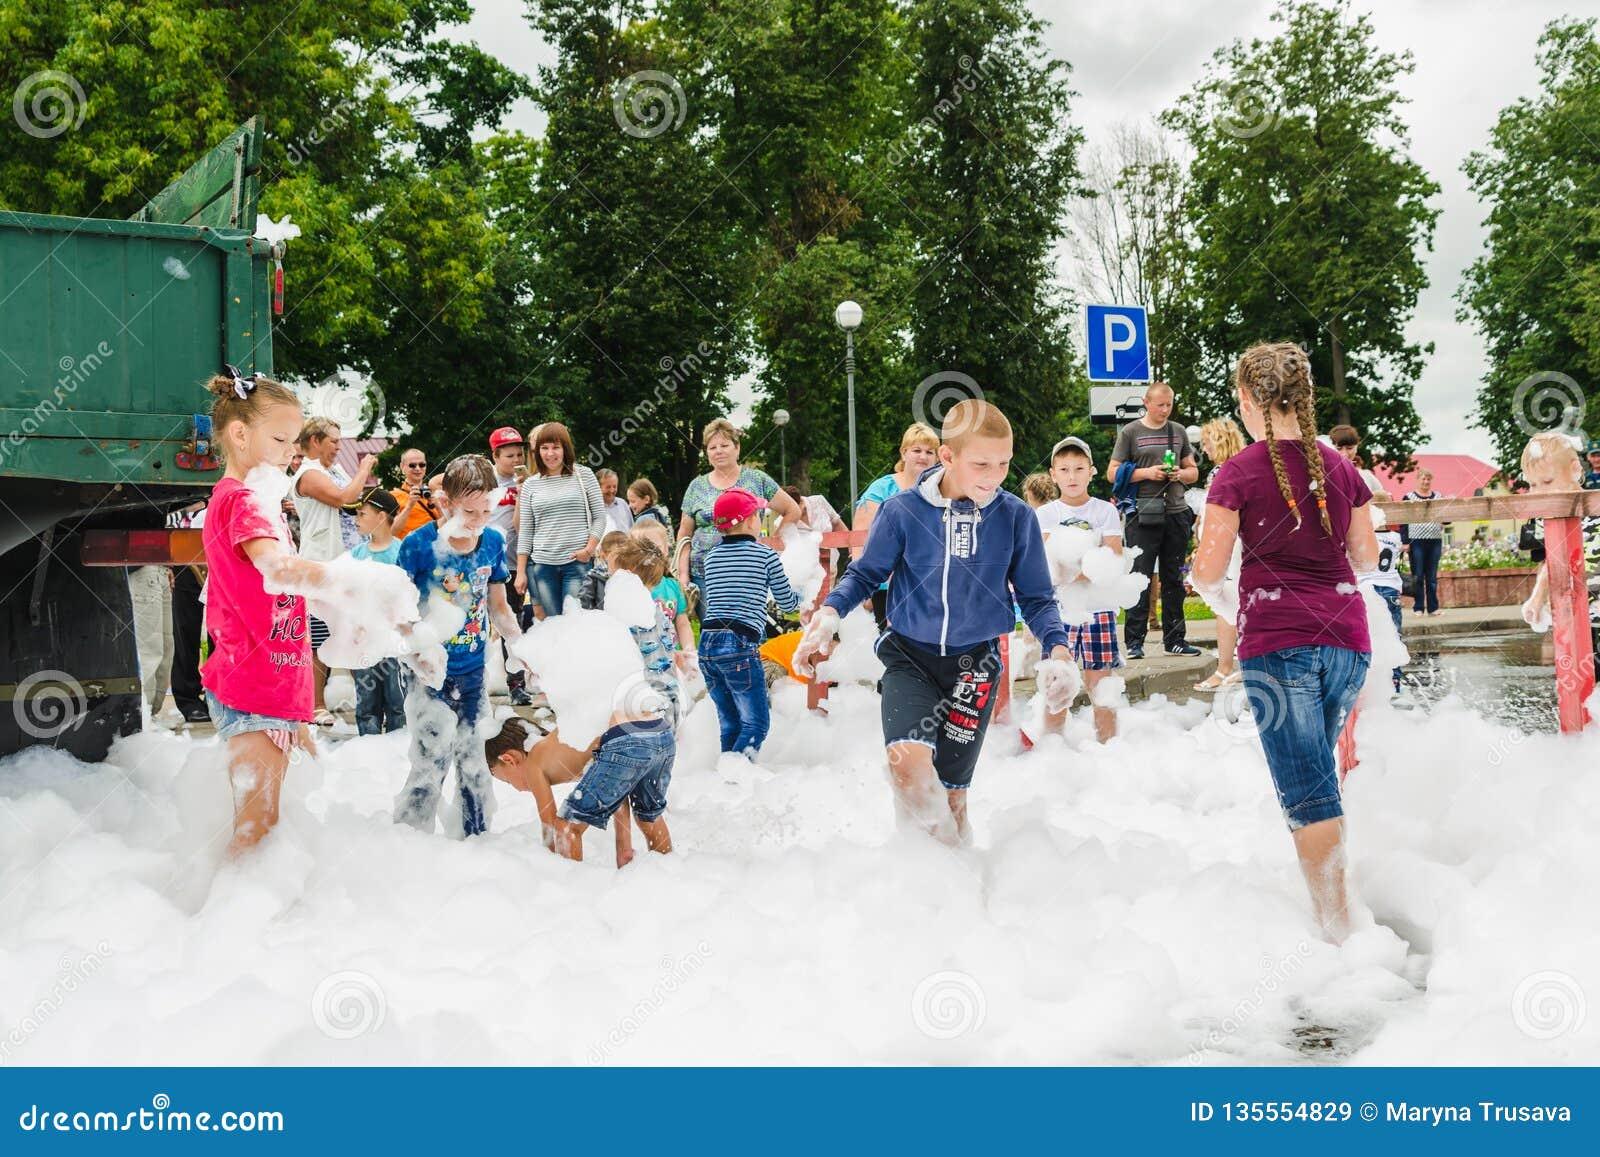 HORKI, БЕЛАРУСЬ - 25-ОЕ ИЮЛЯ 2018: Дети различных возрастов играют с воздушной белой пеной на празднике спасательной службы 112 м